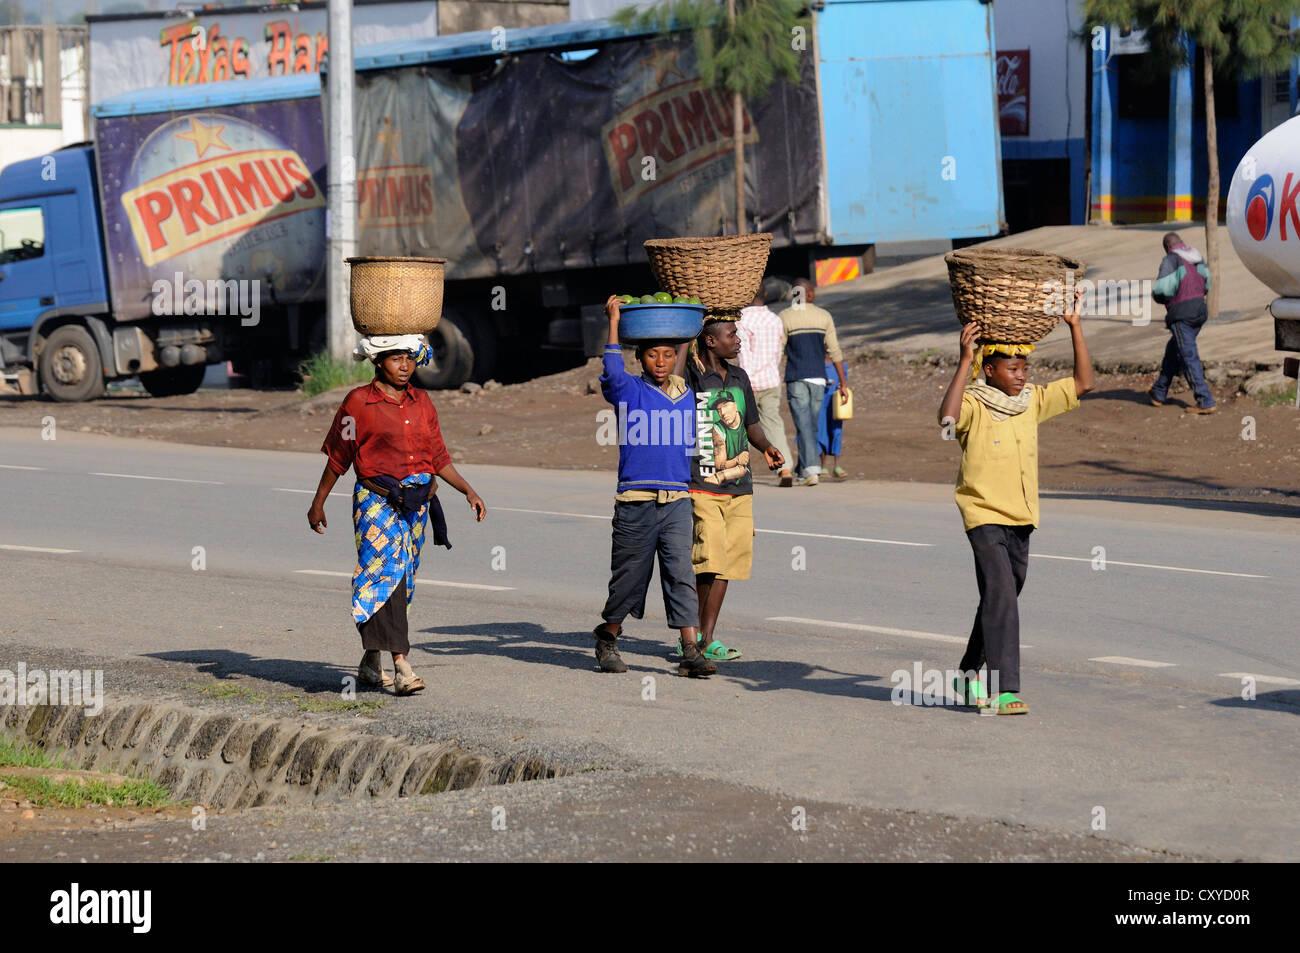 Persone che trasportano carichi sulle loro teste, nella città di Busengo, Ruanda, Africa Immagini Stock